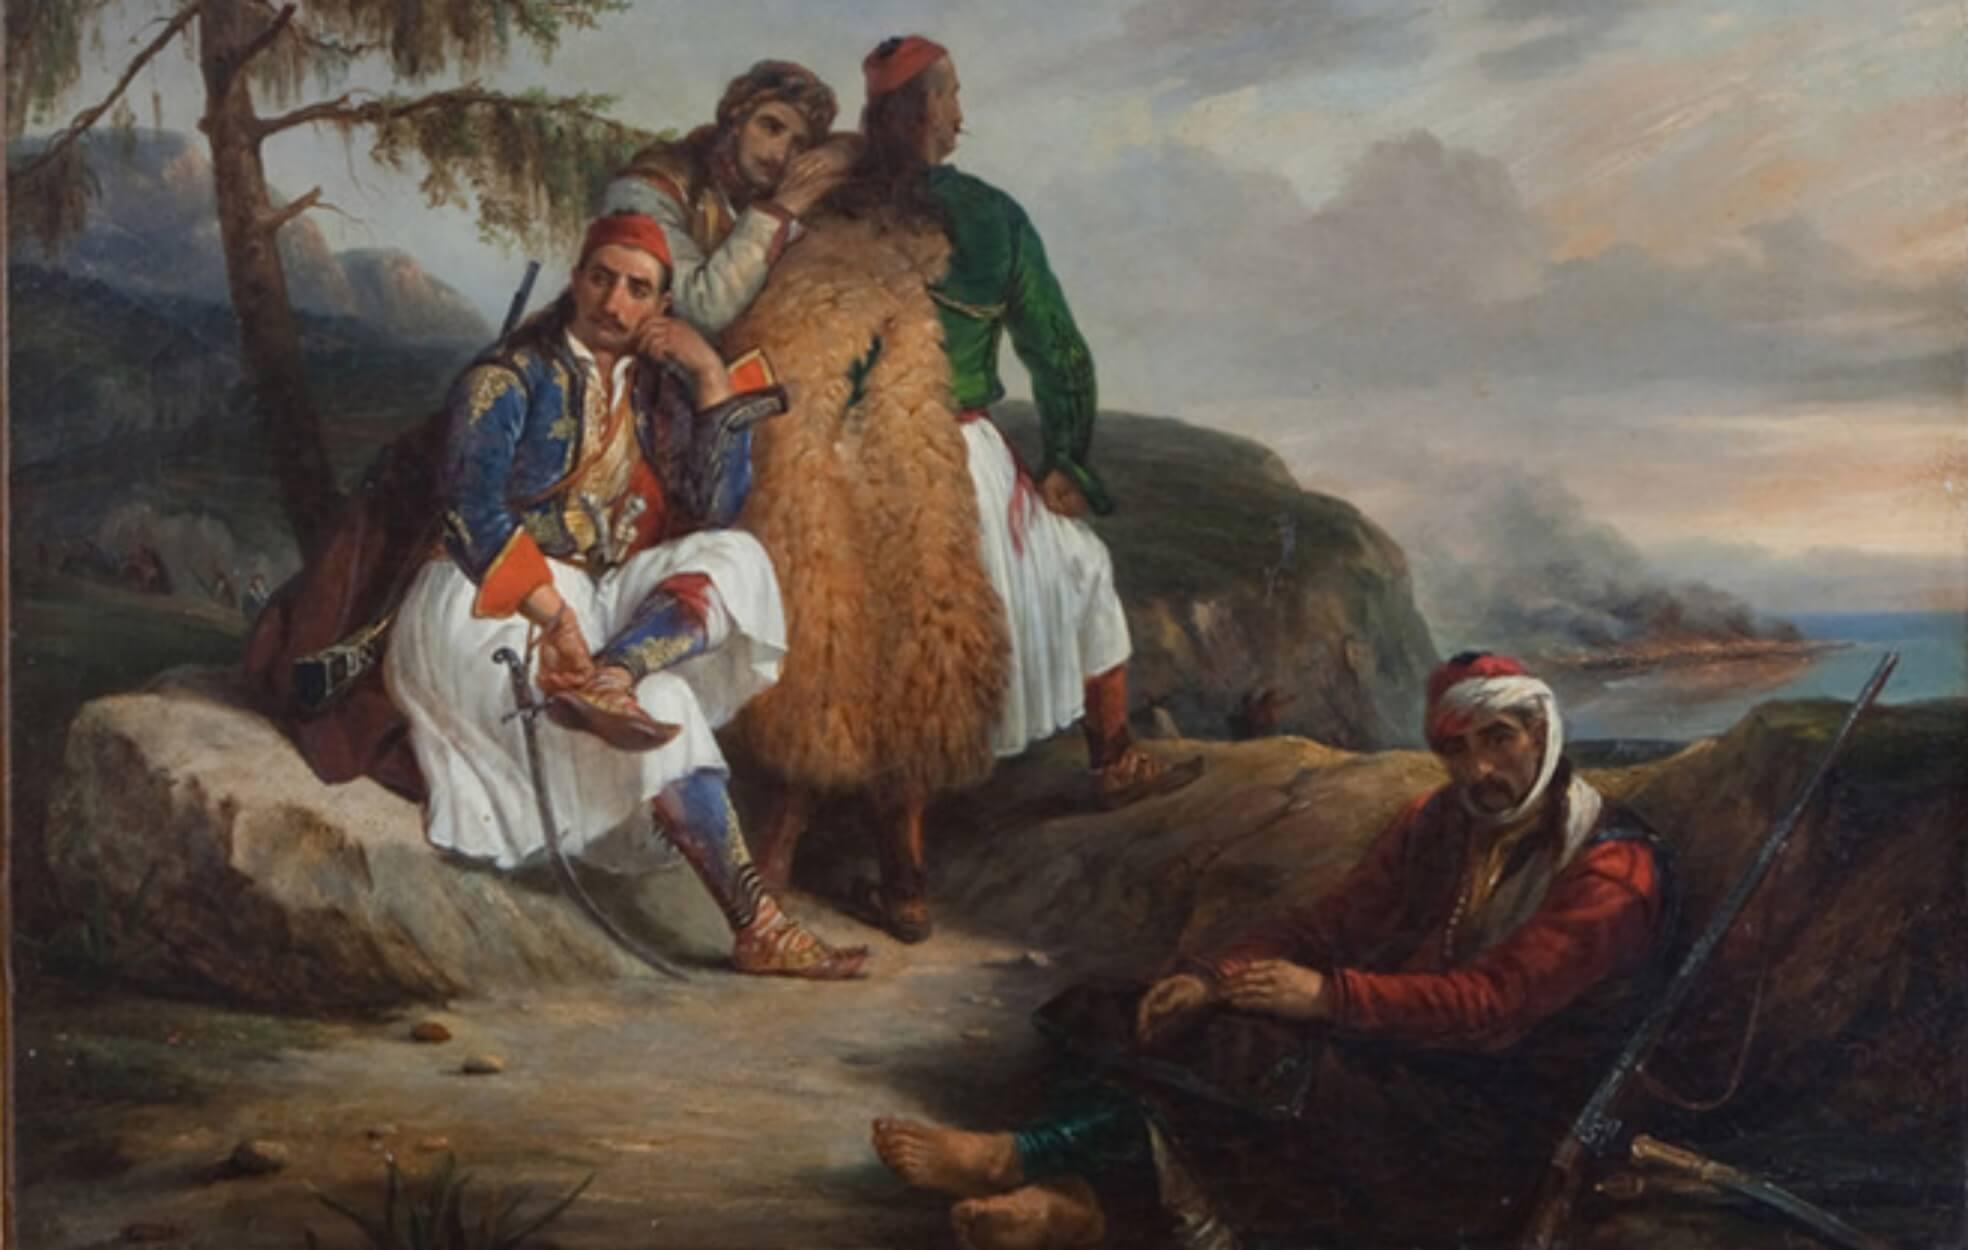 25η Μαρτίου 1821: Μία σταγόνα ιστορία